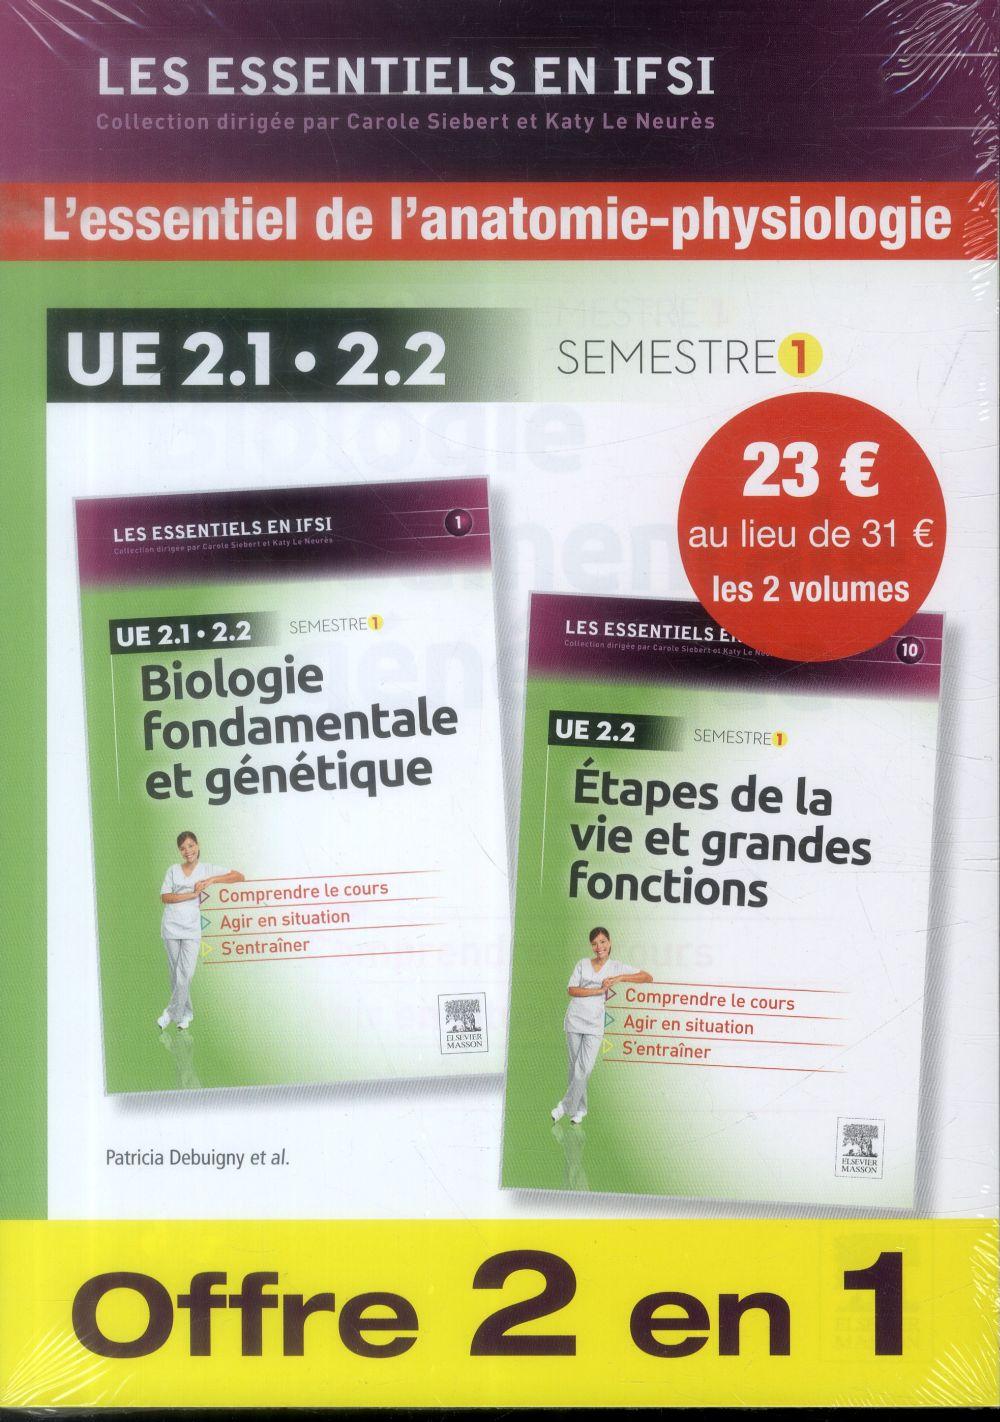 PACK : BIOLOGIE FONDAMENTALE ET GENETIQUE + ETAPES DE LA VIE ET GRANDES FONCTIONS